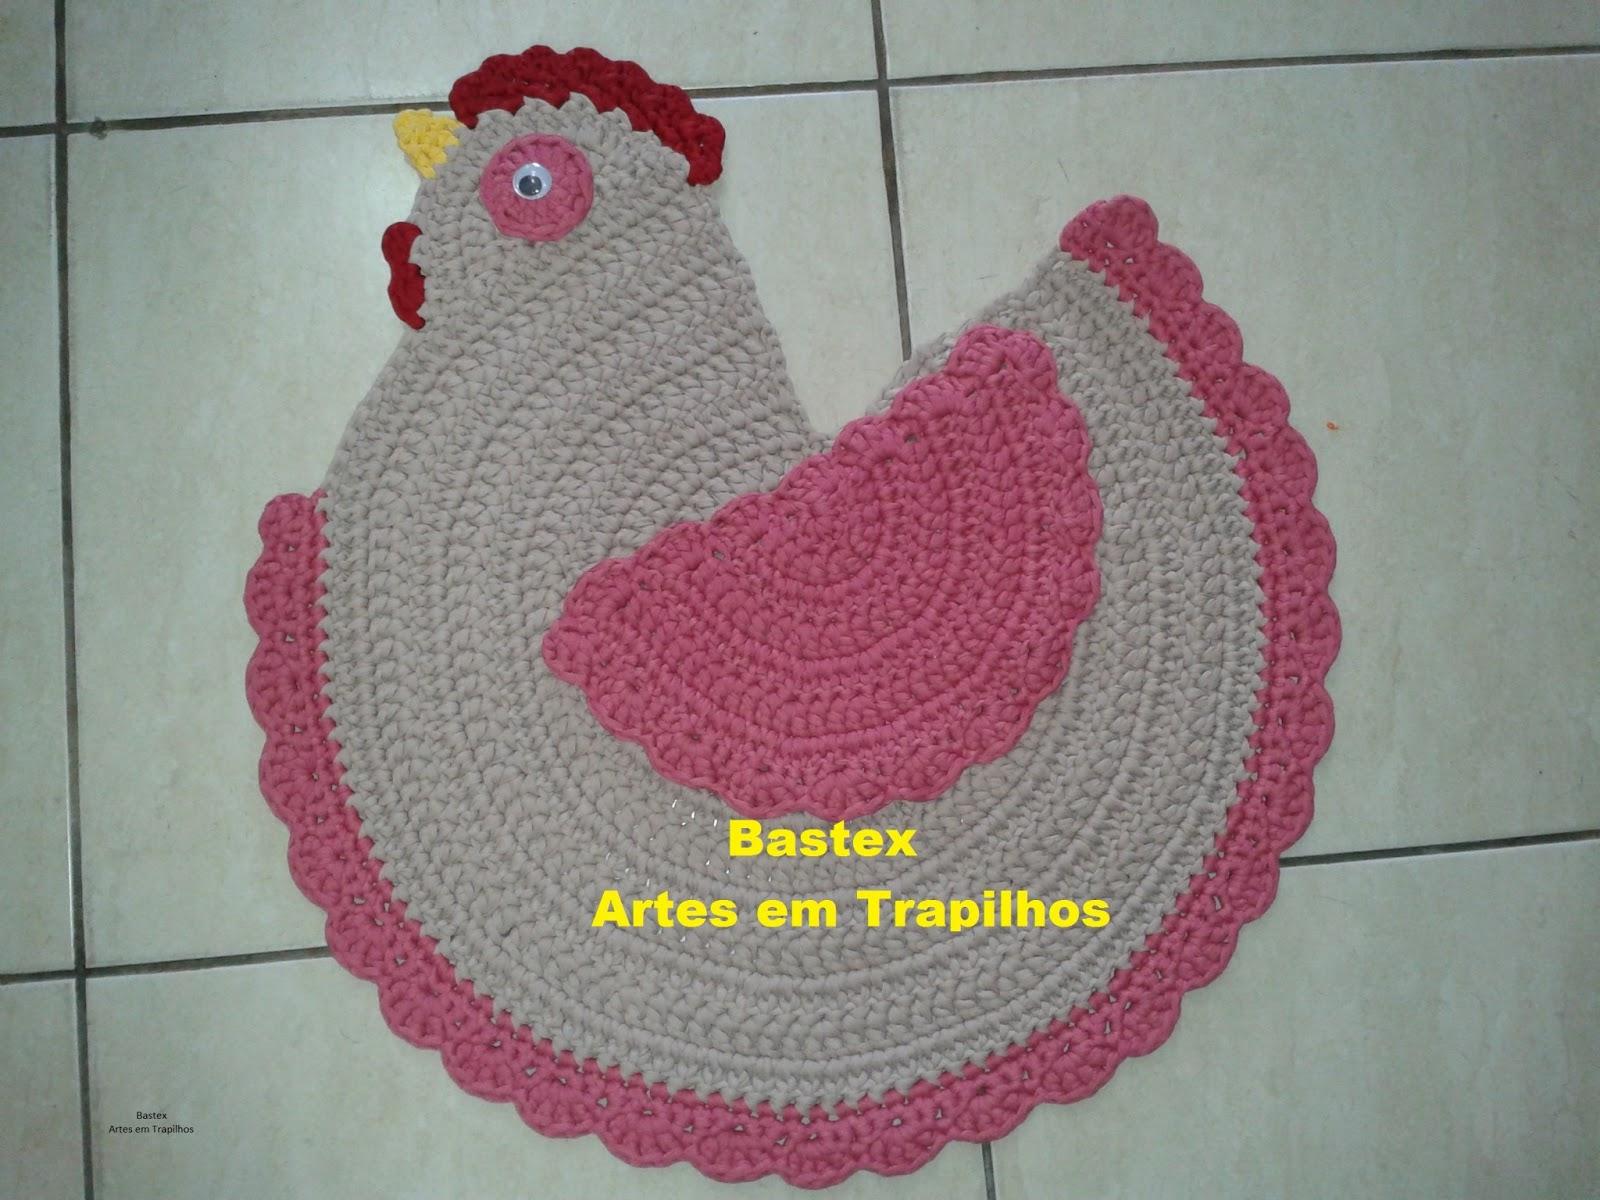 Galinha feita em crochê, com Trapilhos de lycra.